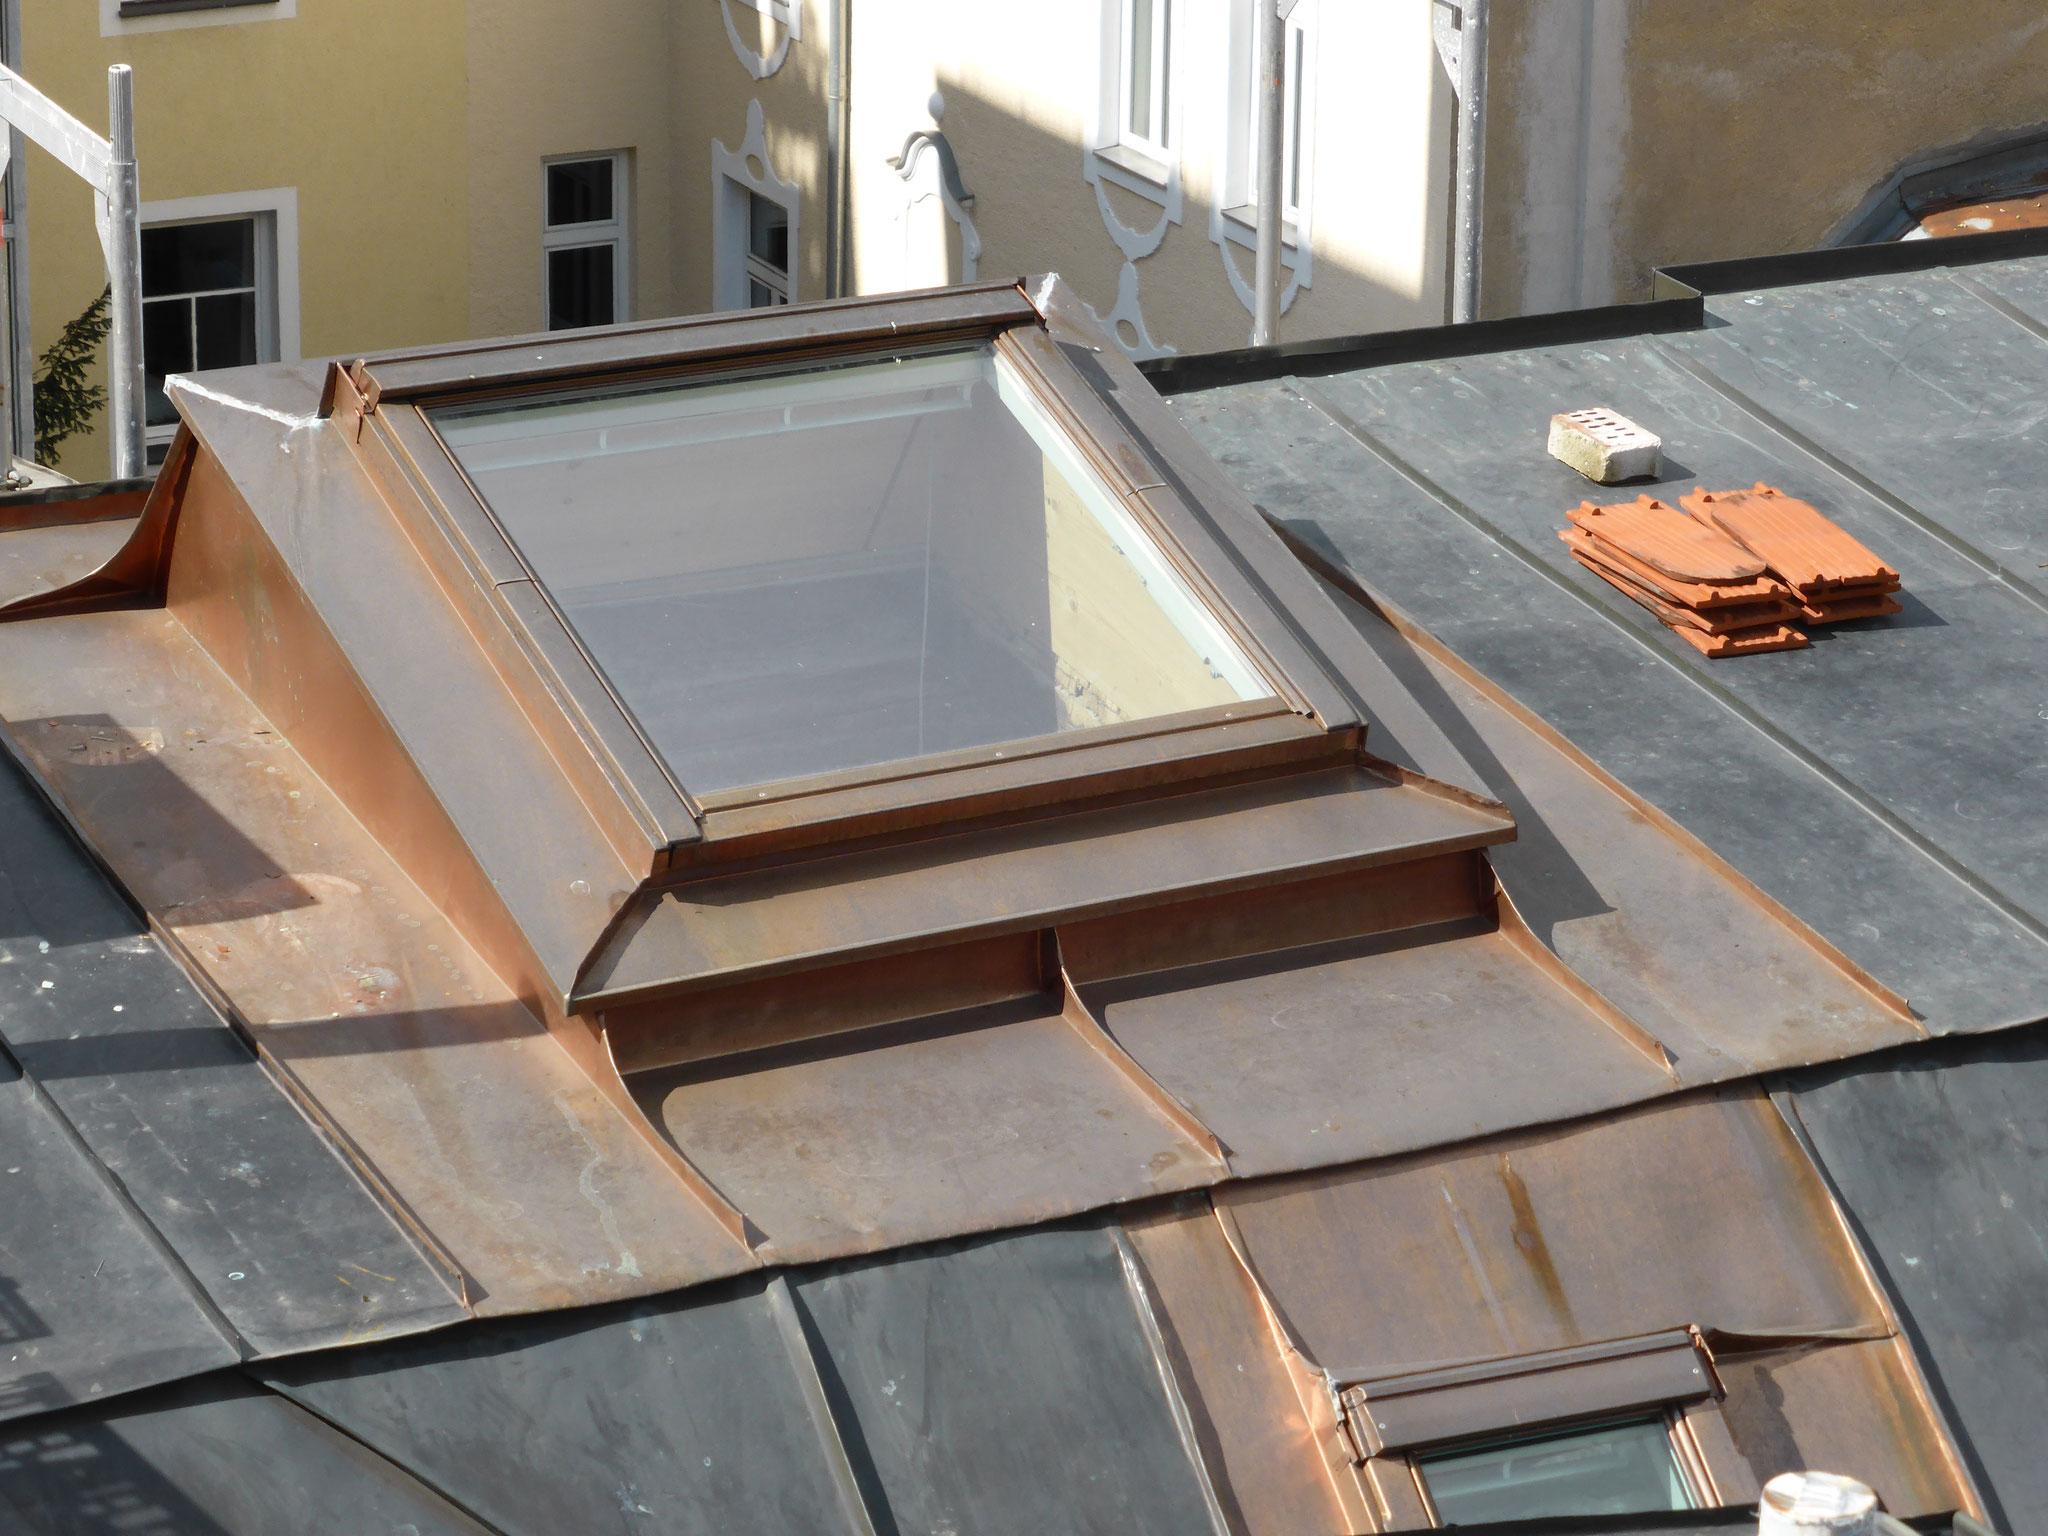 Einbau eines Dachflächenfensters in ein bestehendes Blechdach